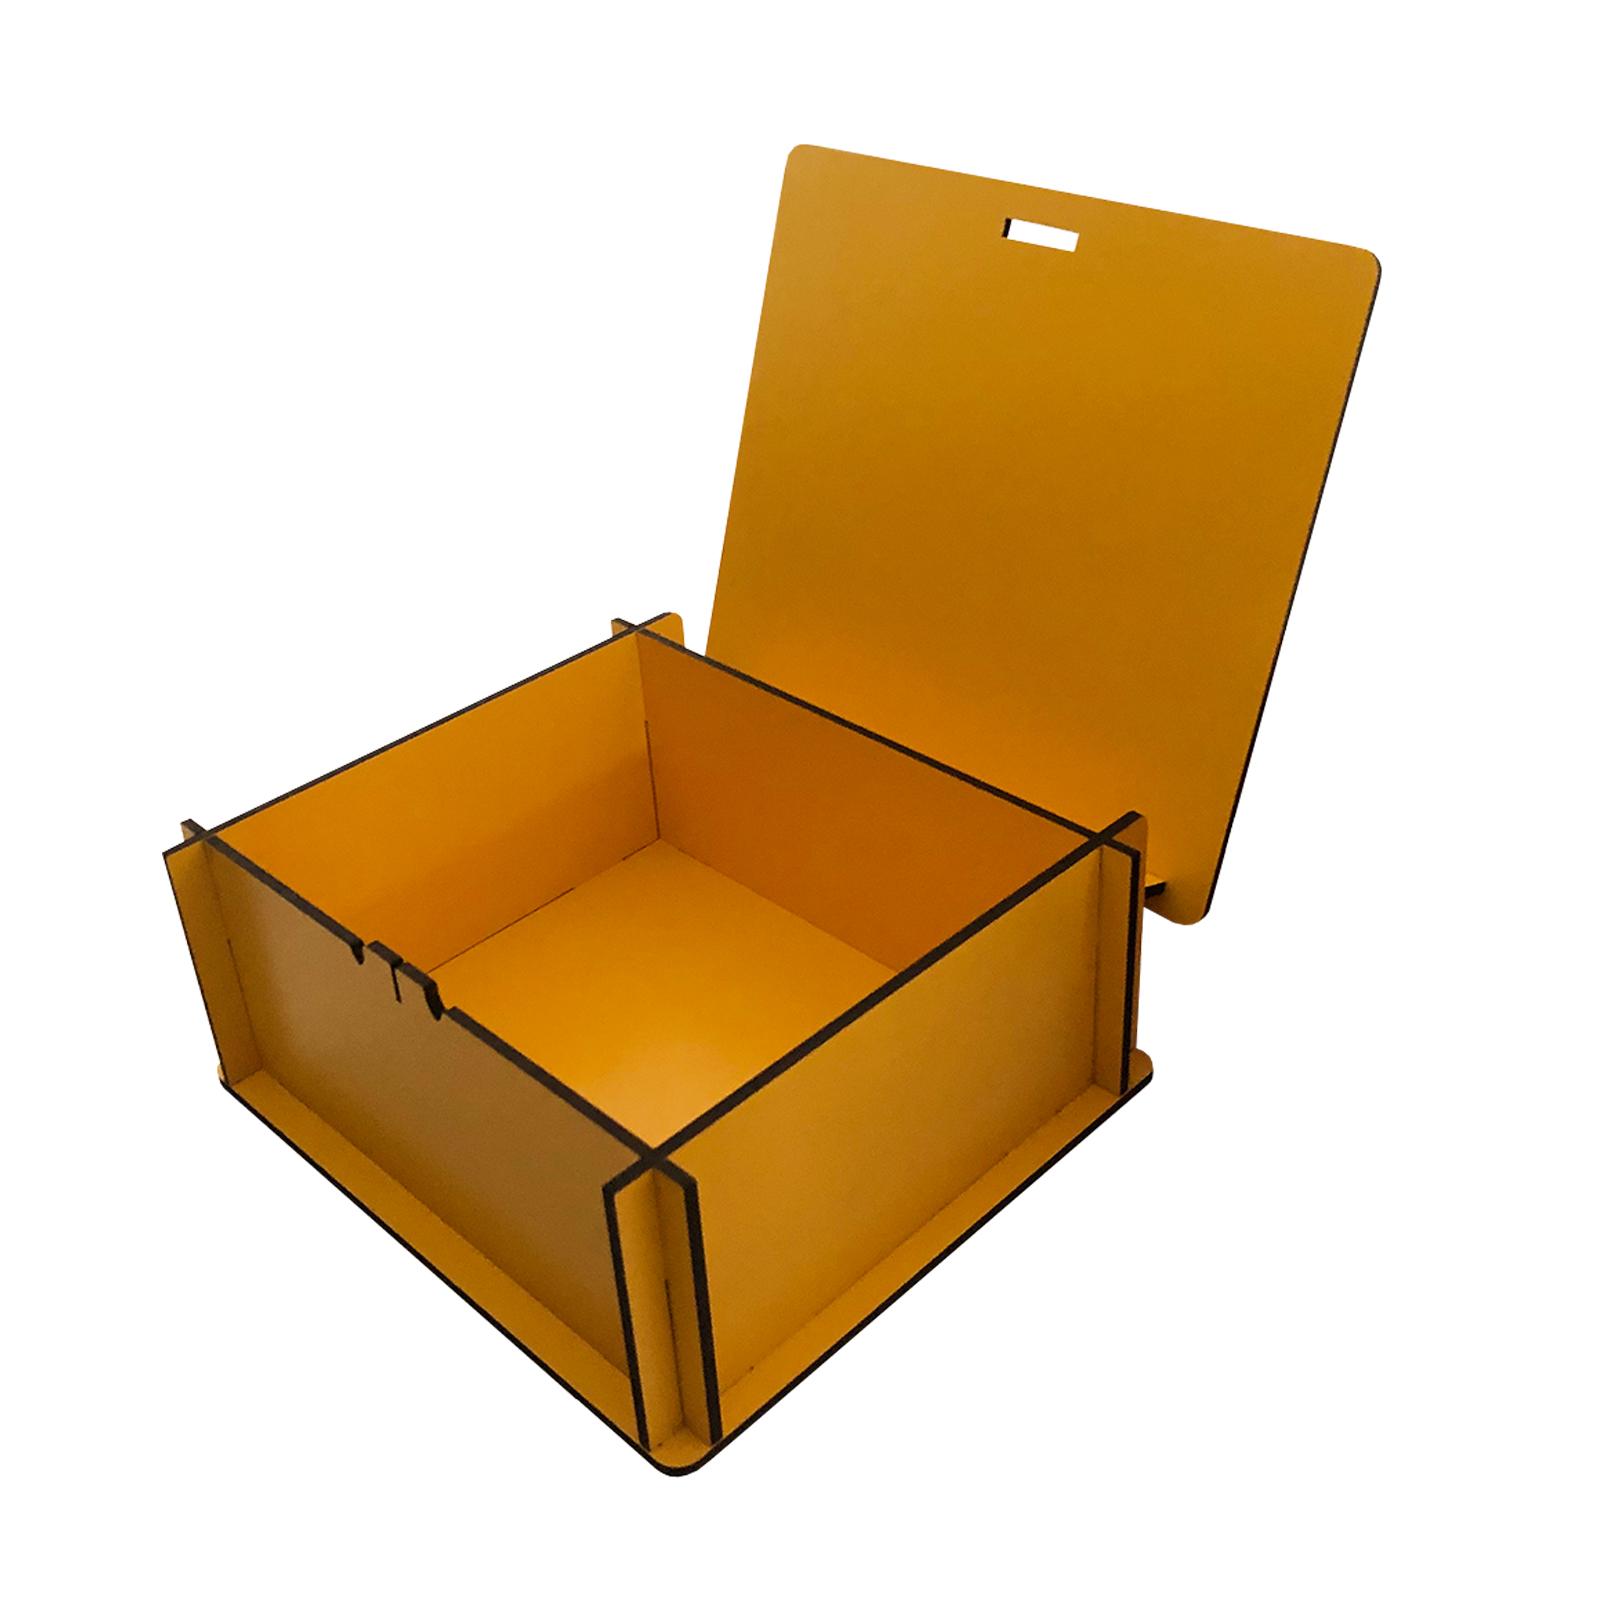 جعبه هدیه چوبی مدل j153 main 1 3